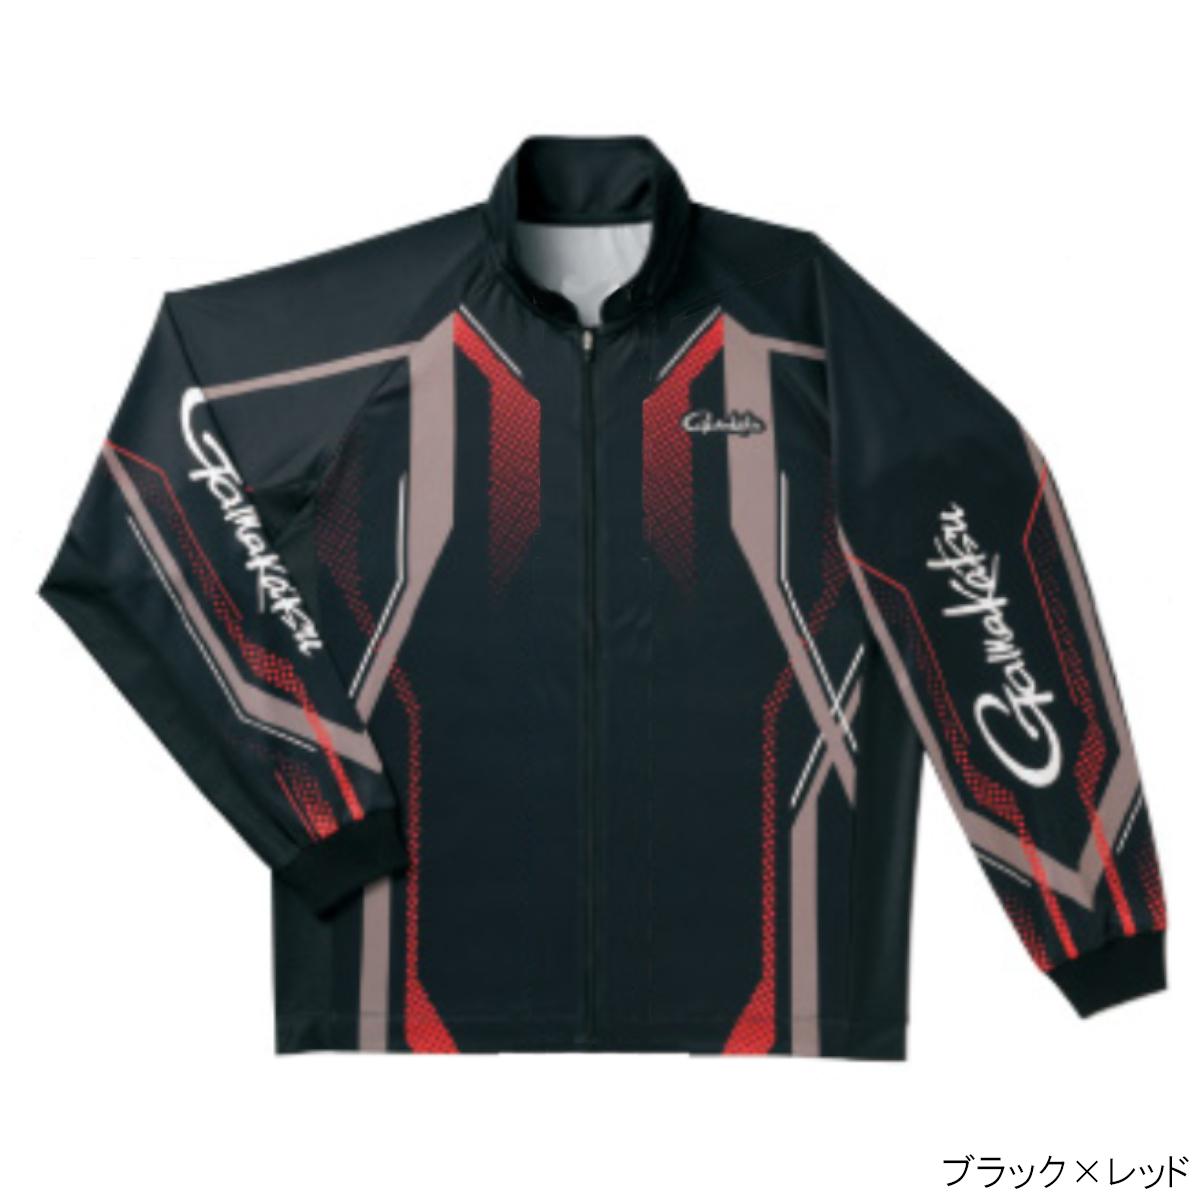 フルジップトーナメントシャツ GM-3569 M ブラック×レッド